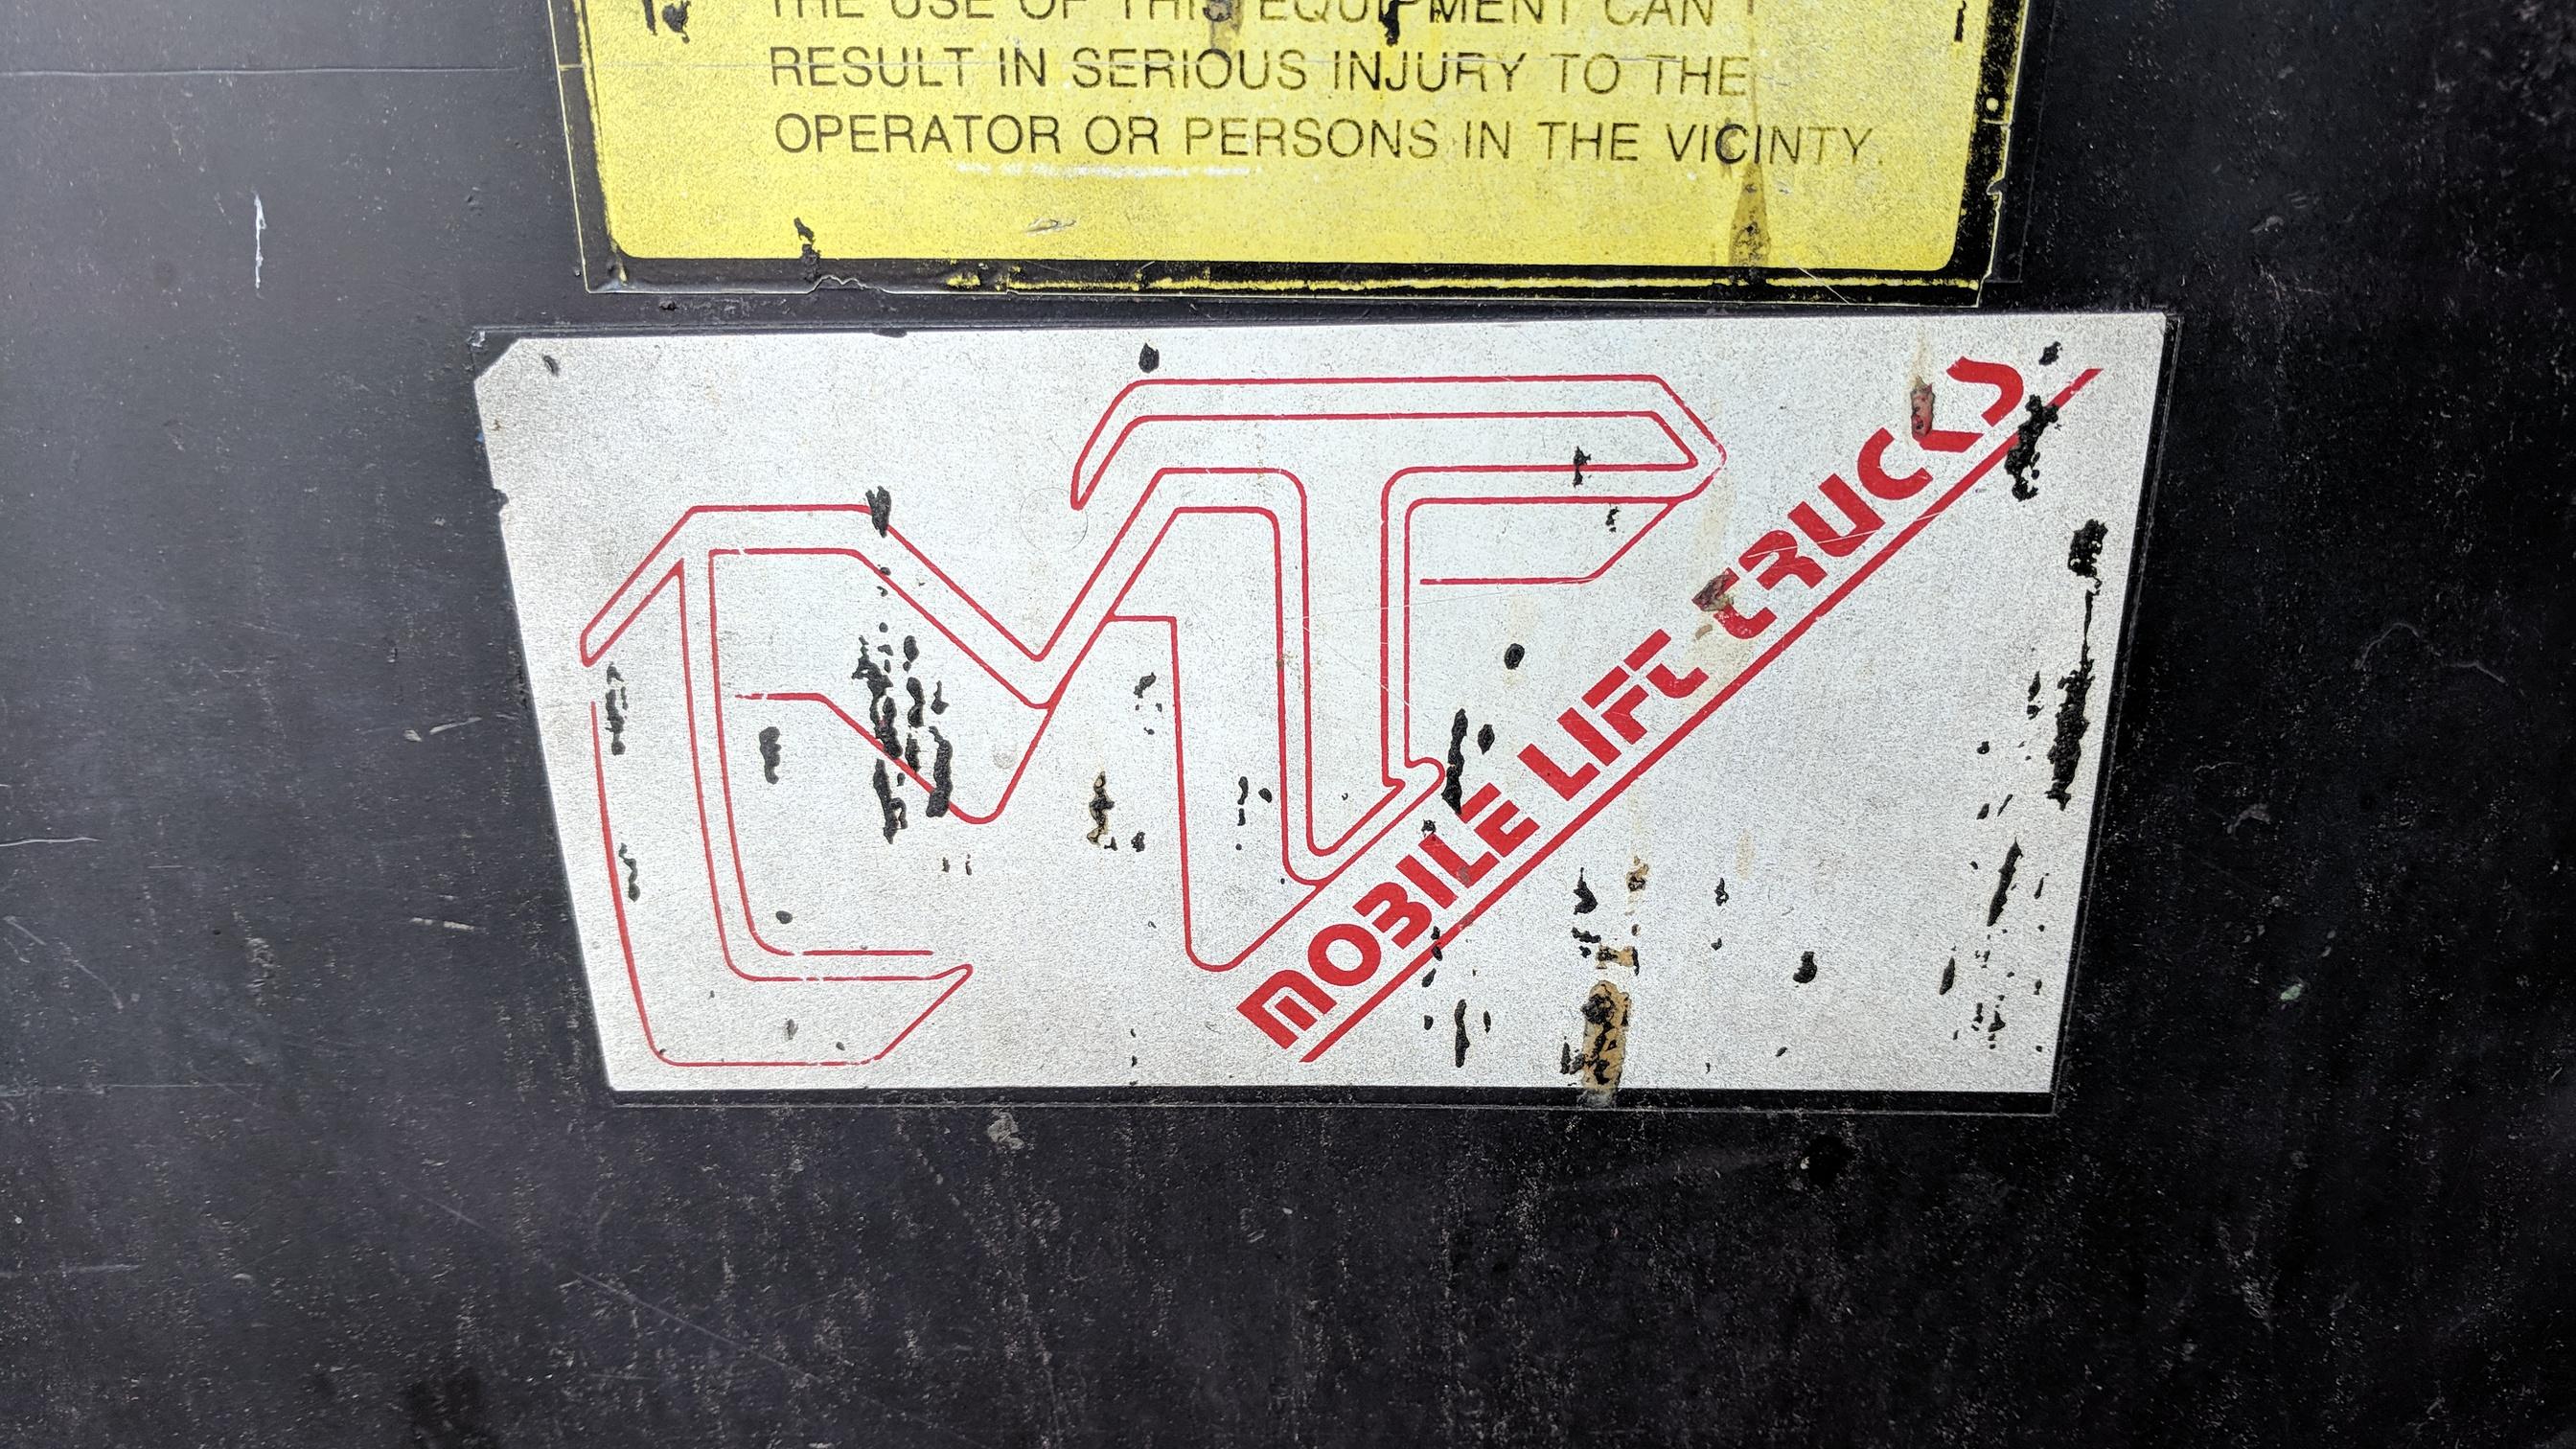 MT ELECTRIC DIE CART, S/N 43386E - Image 2 of 3